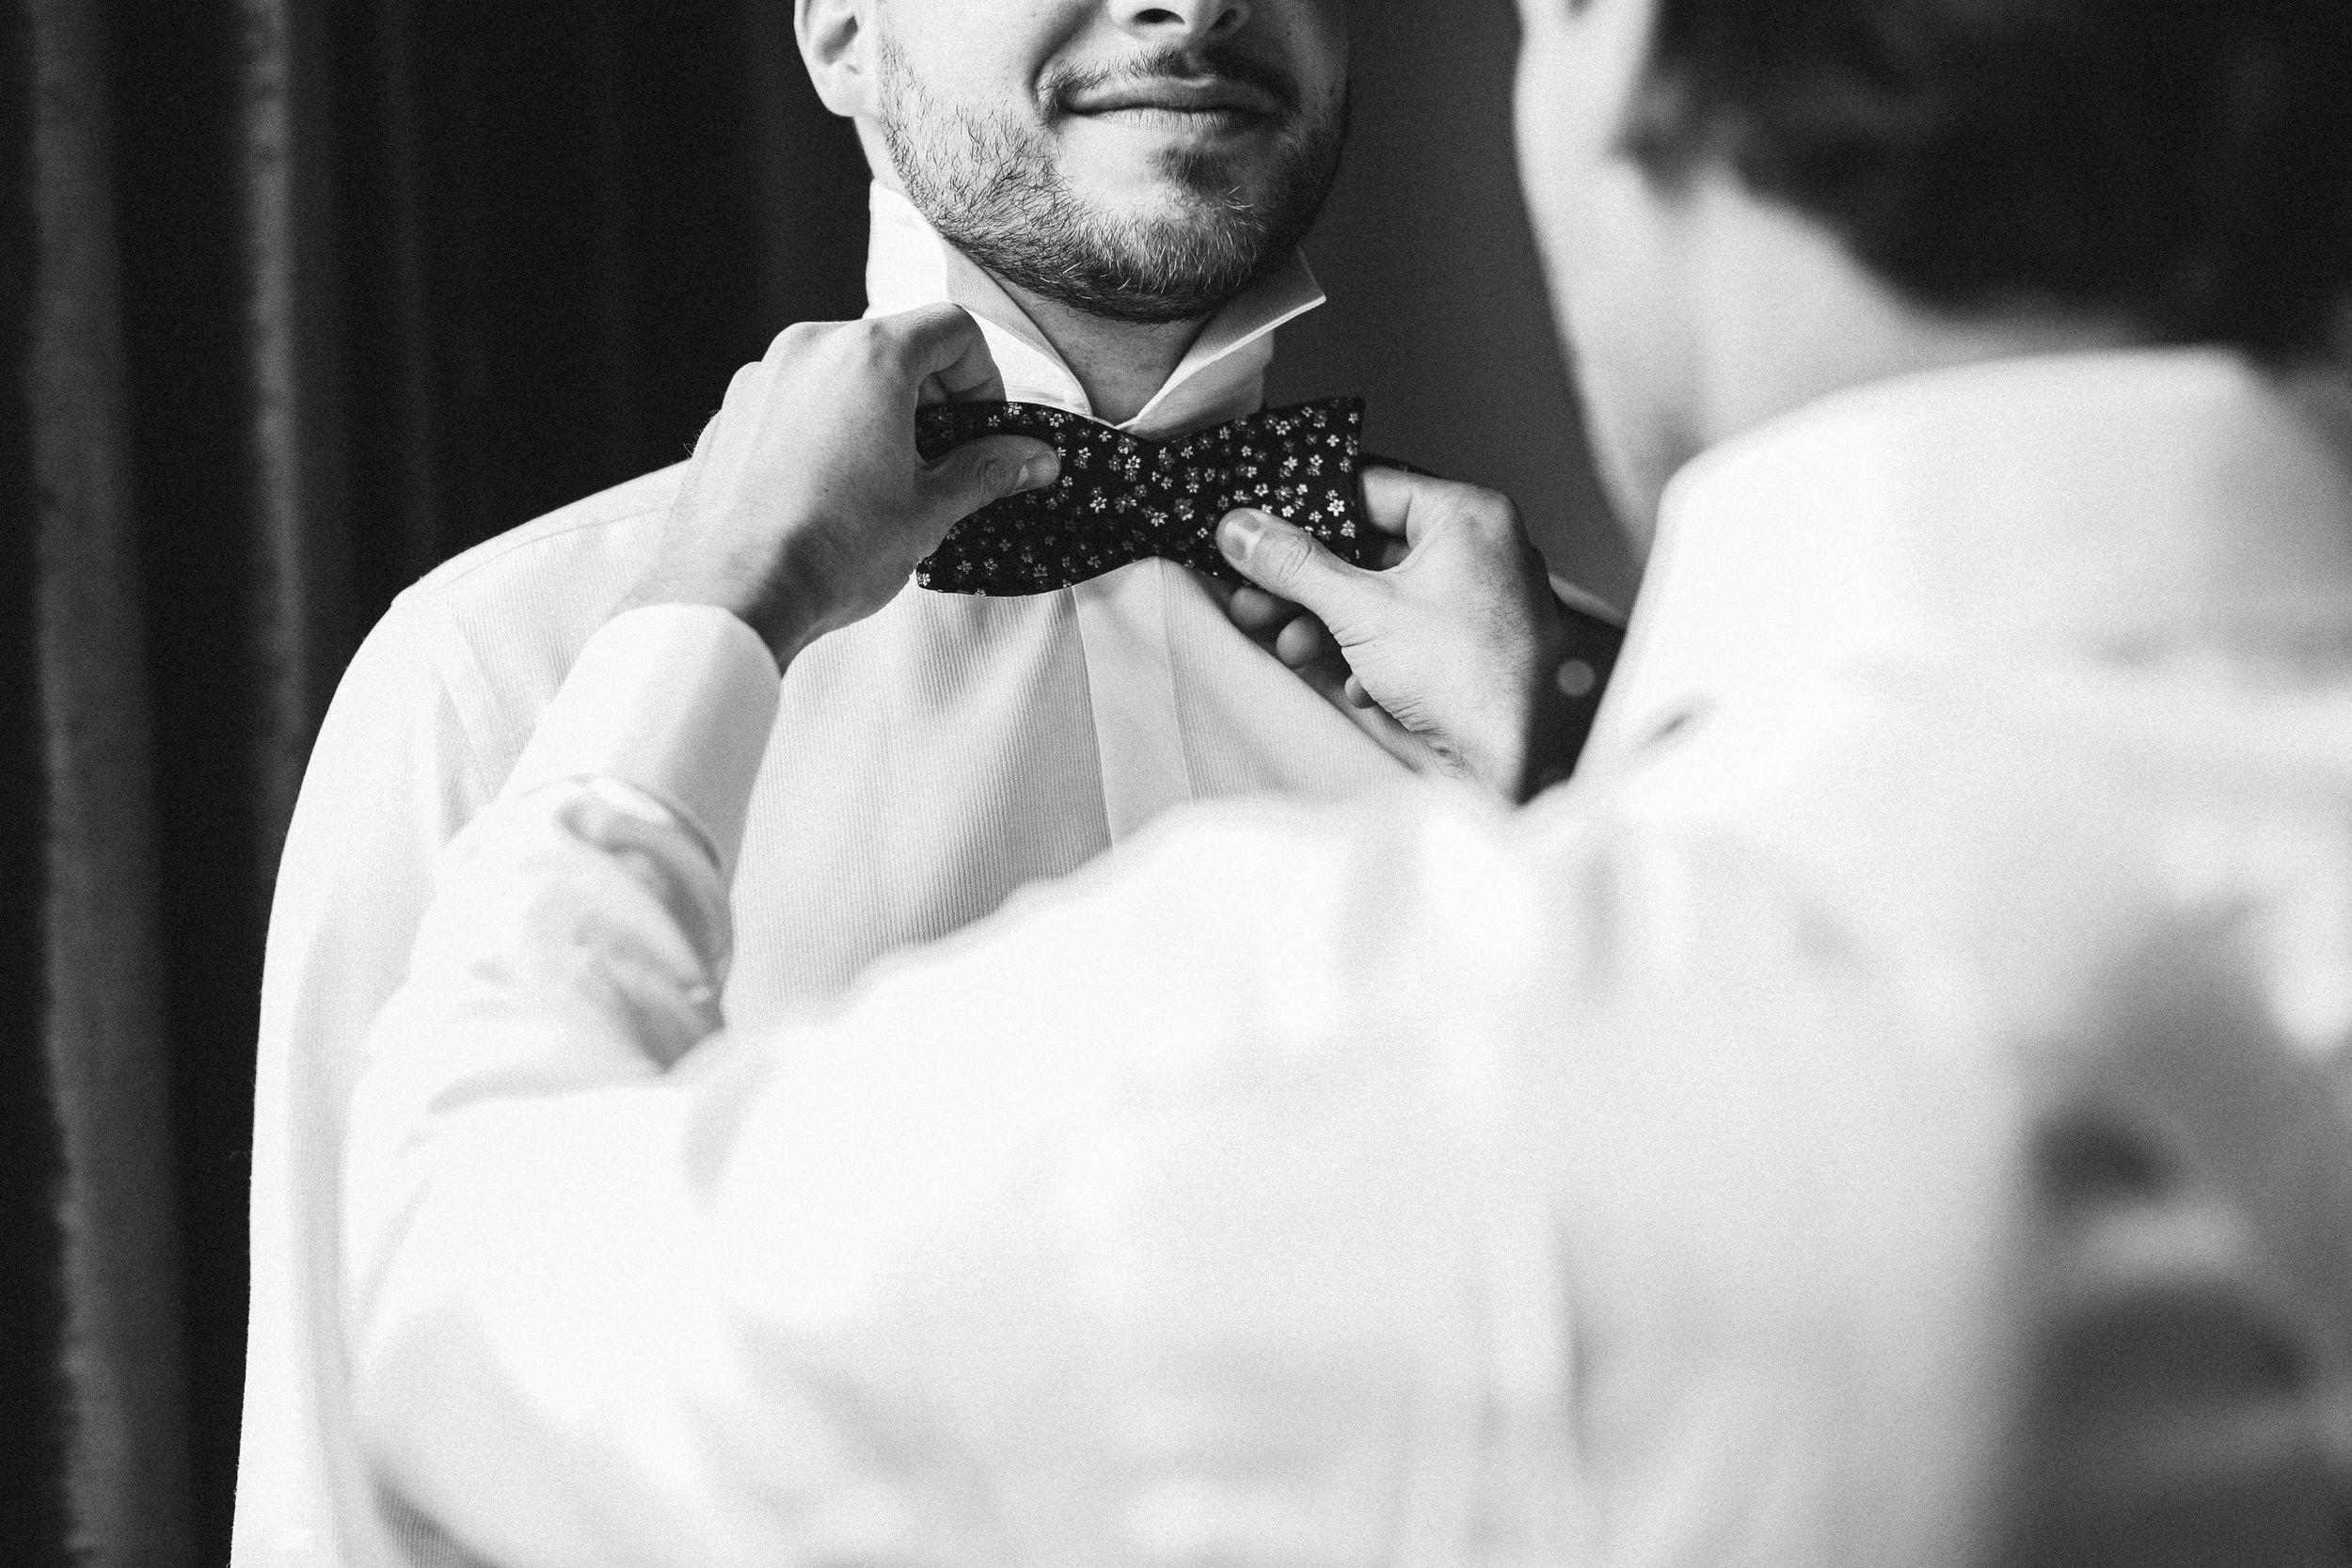 hotel-covington-wedding-groom-bow-tie-getting-ready.JPG